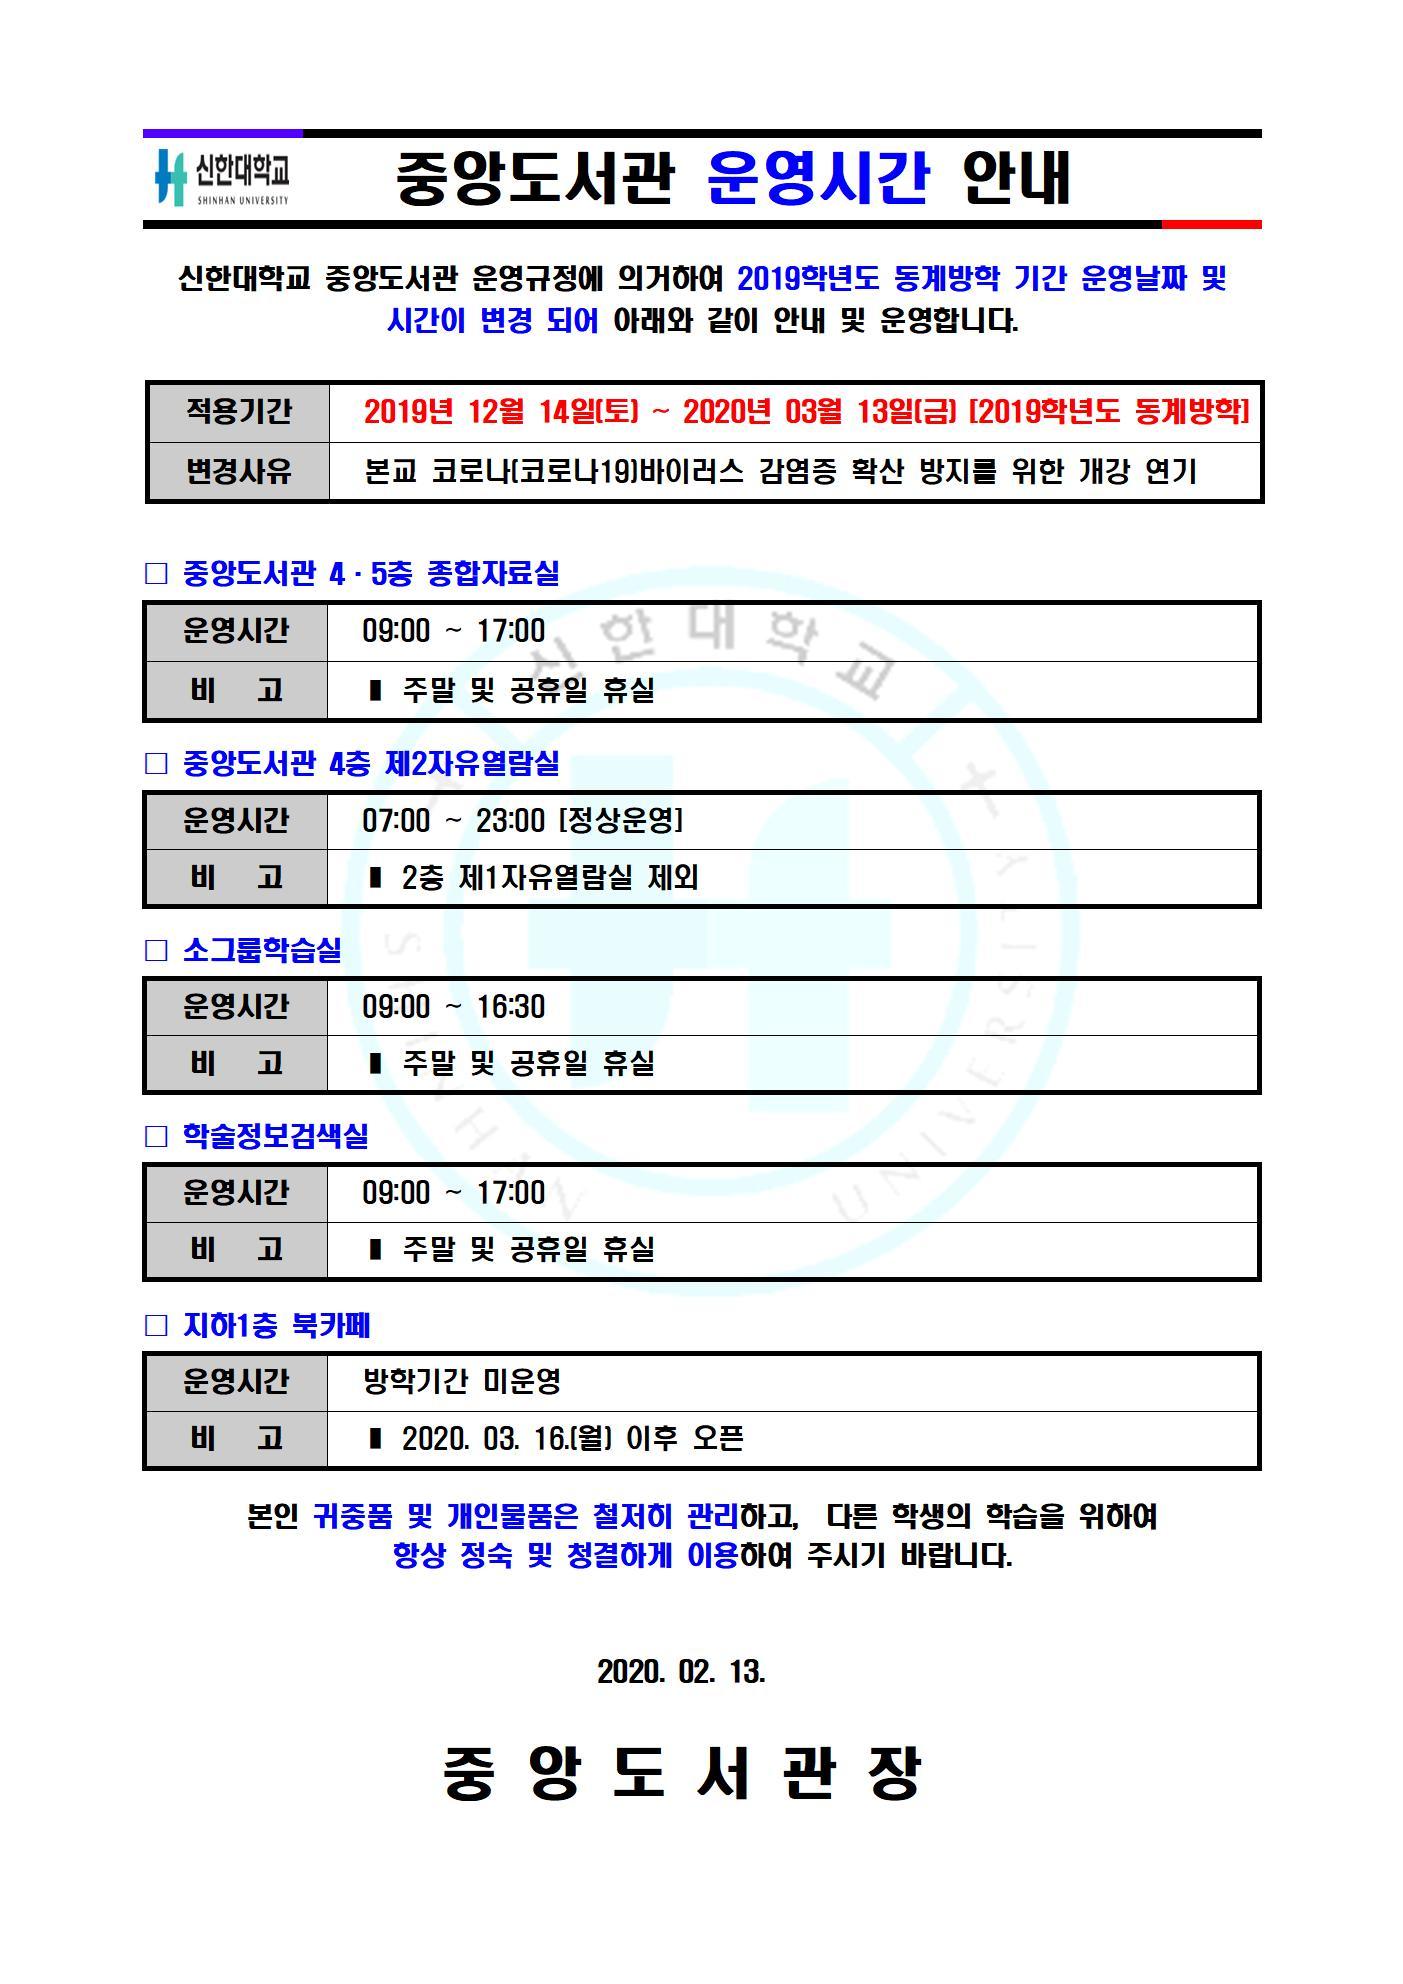 2019학년도 동계방학 중 중앙도서관 이용시간 변경안내(수정)001.jpg